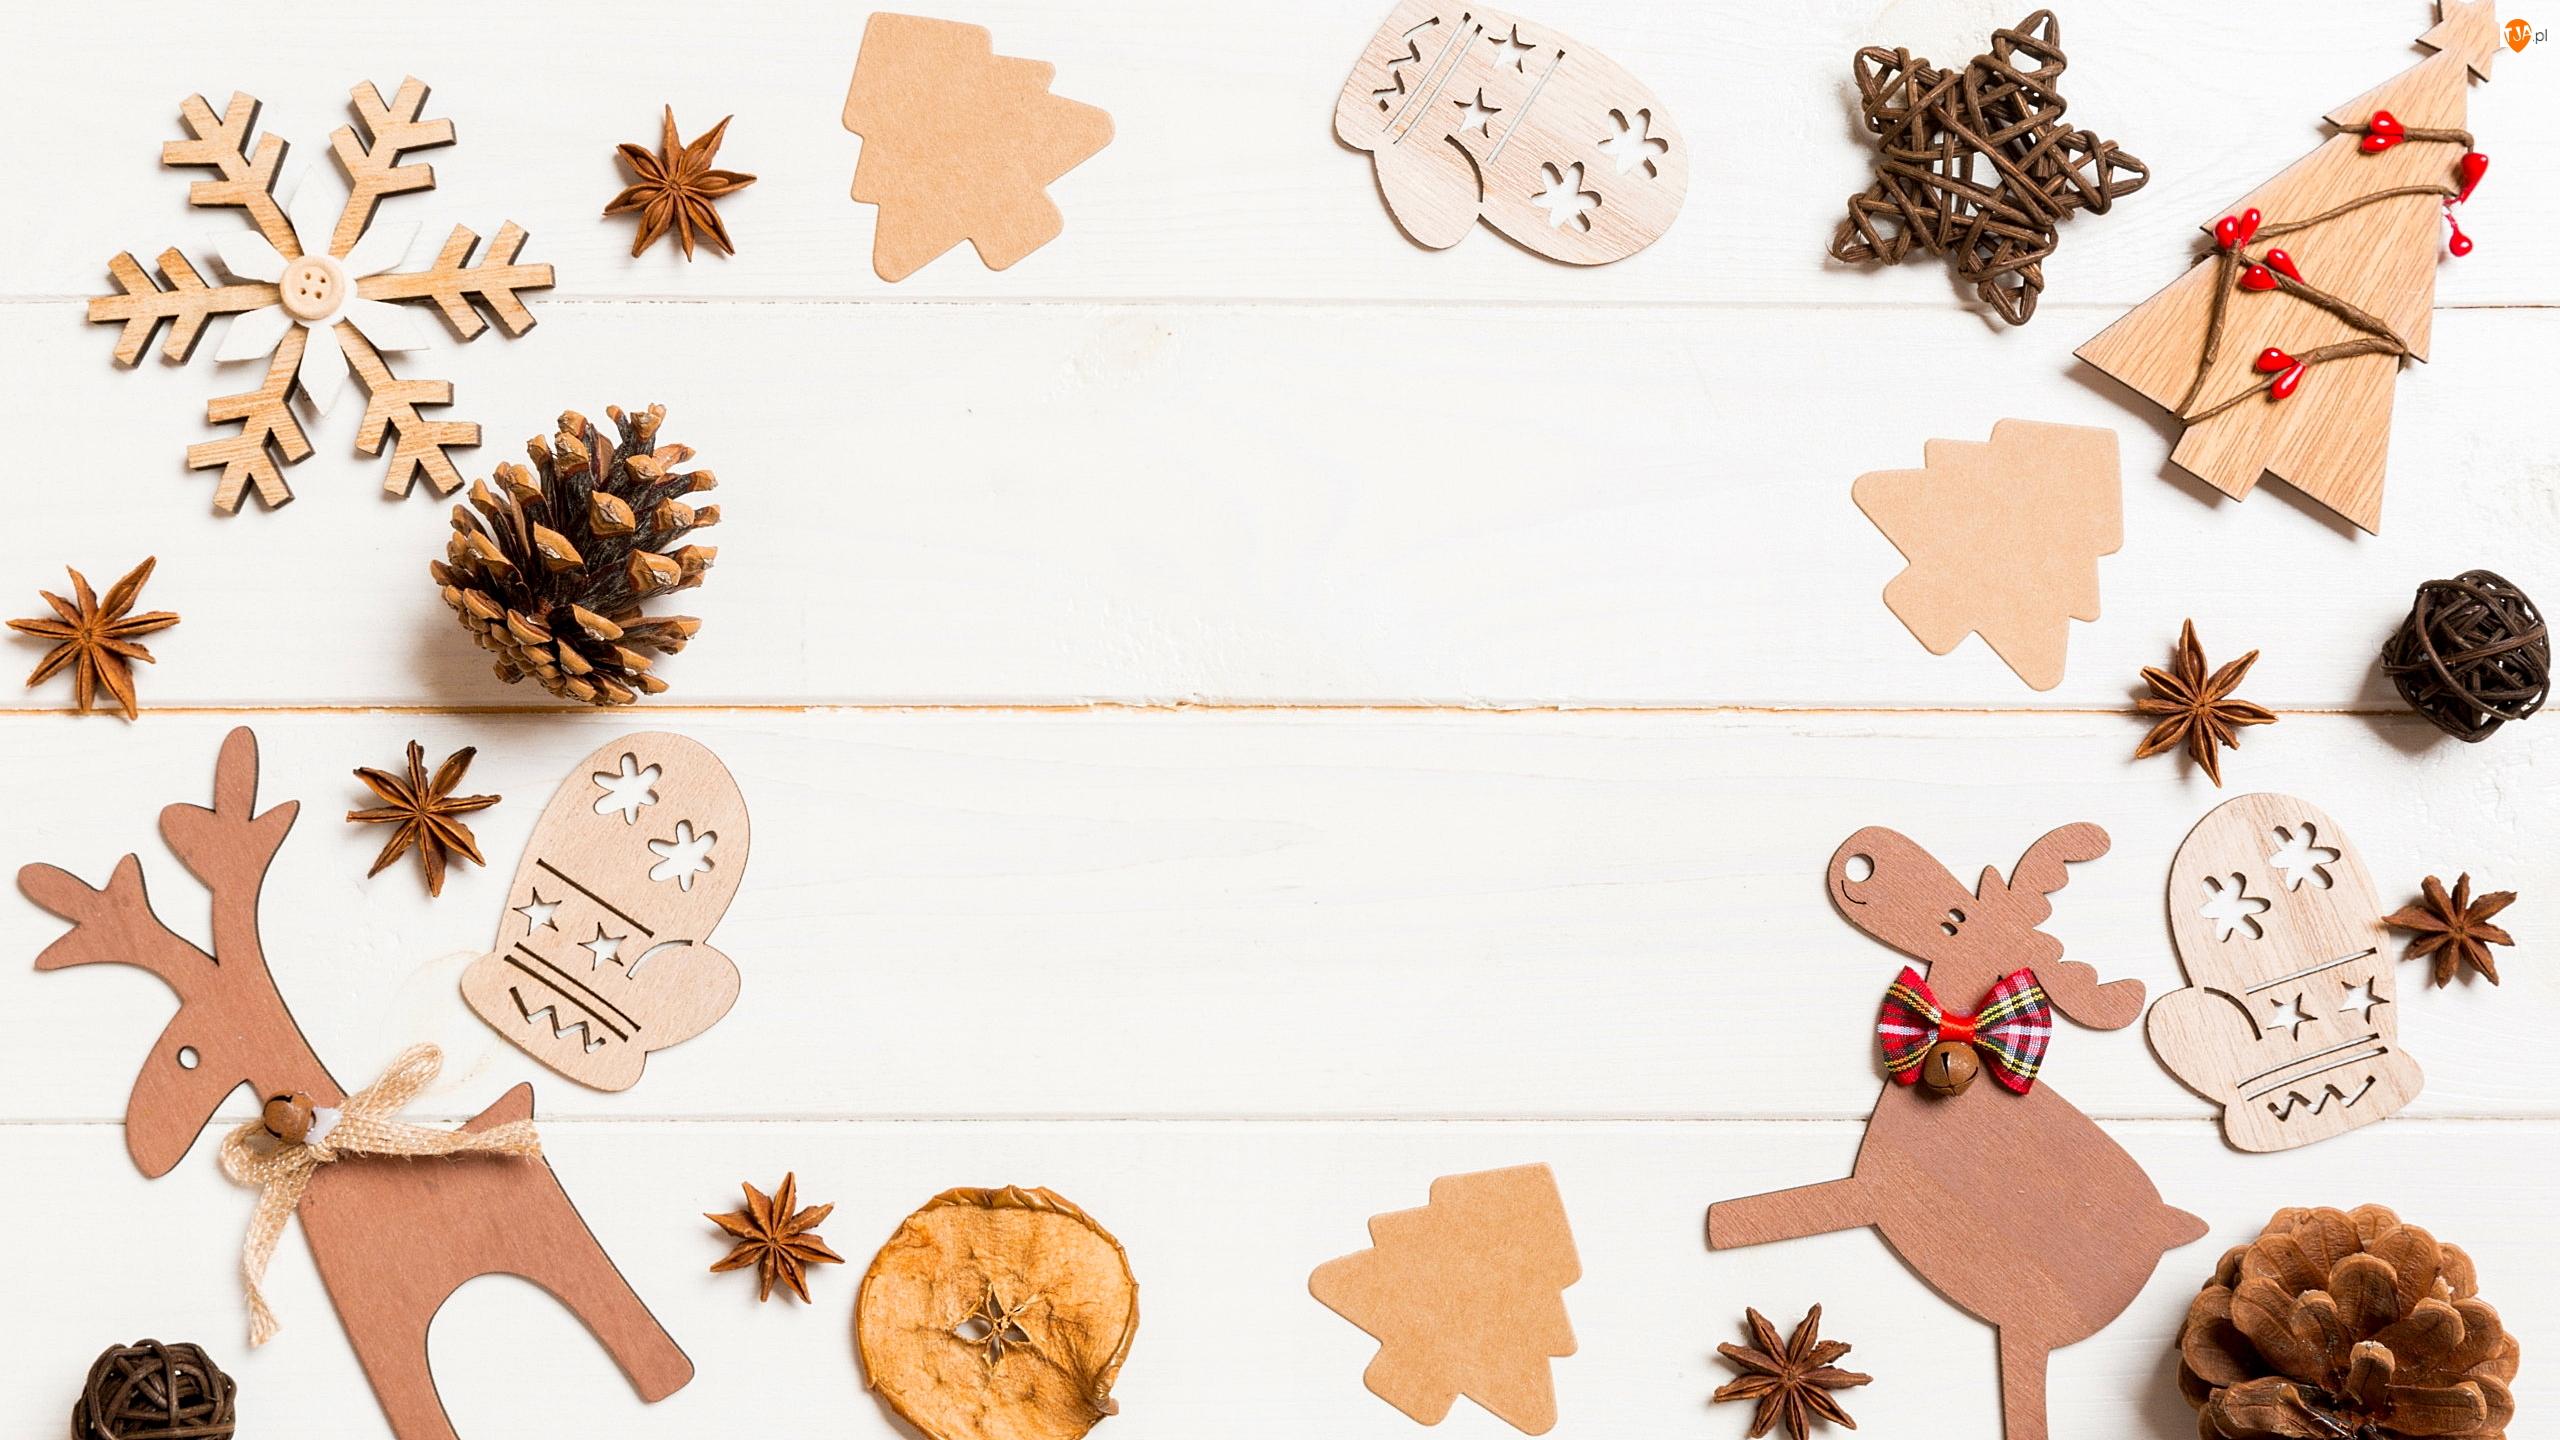 Deski, Ozdoby, Świąteczne